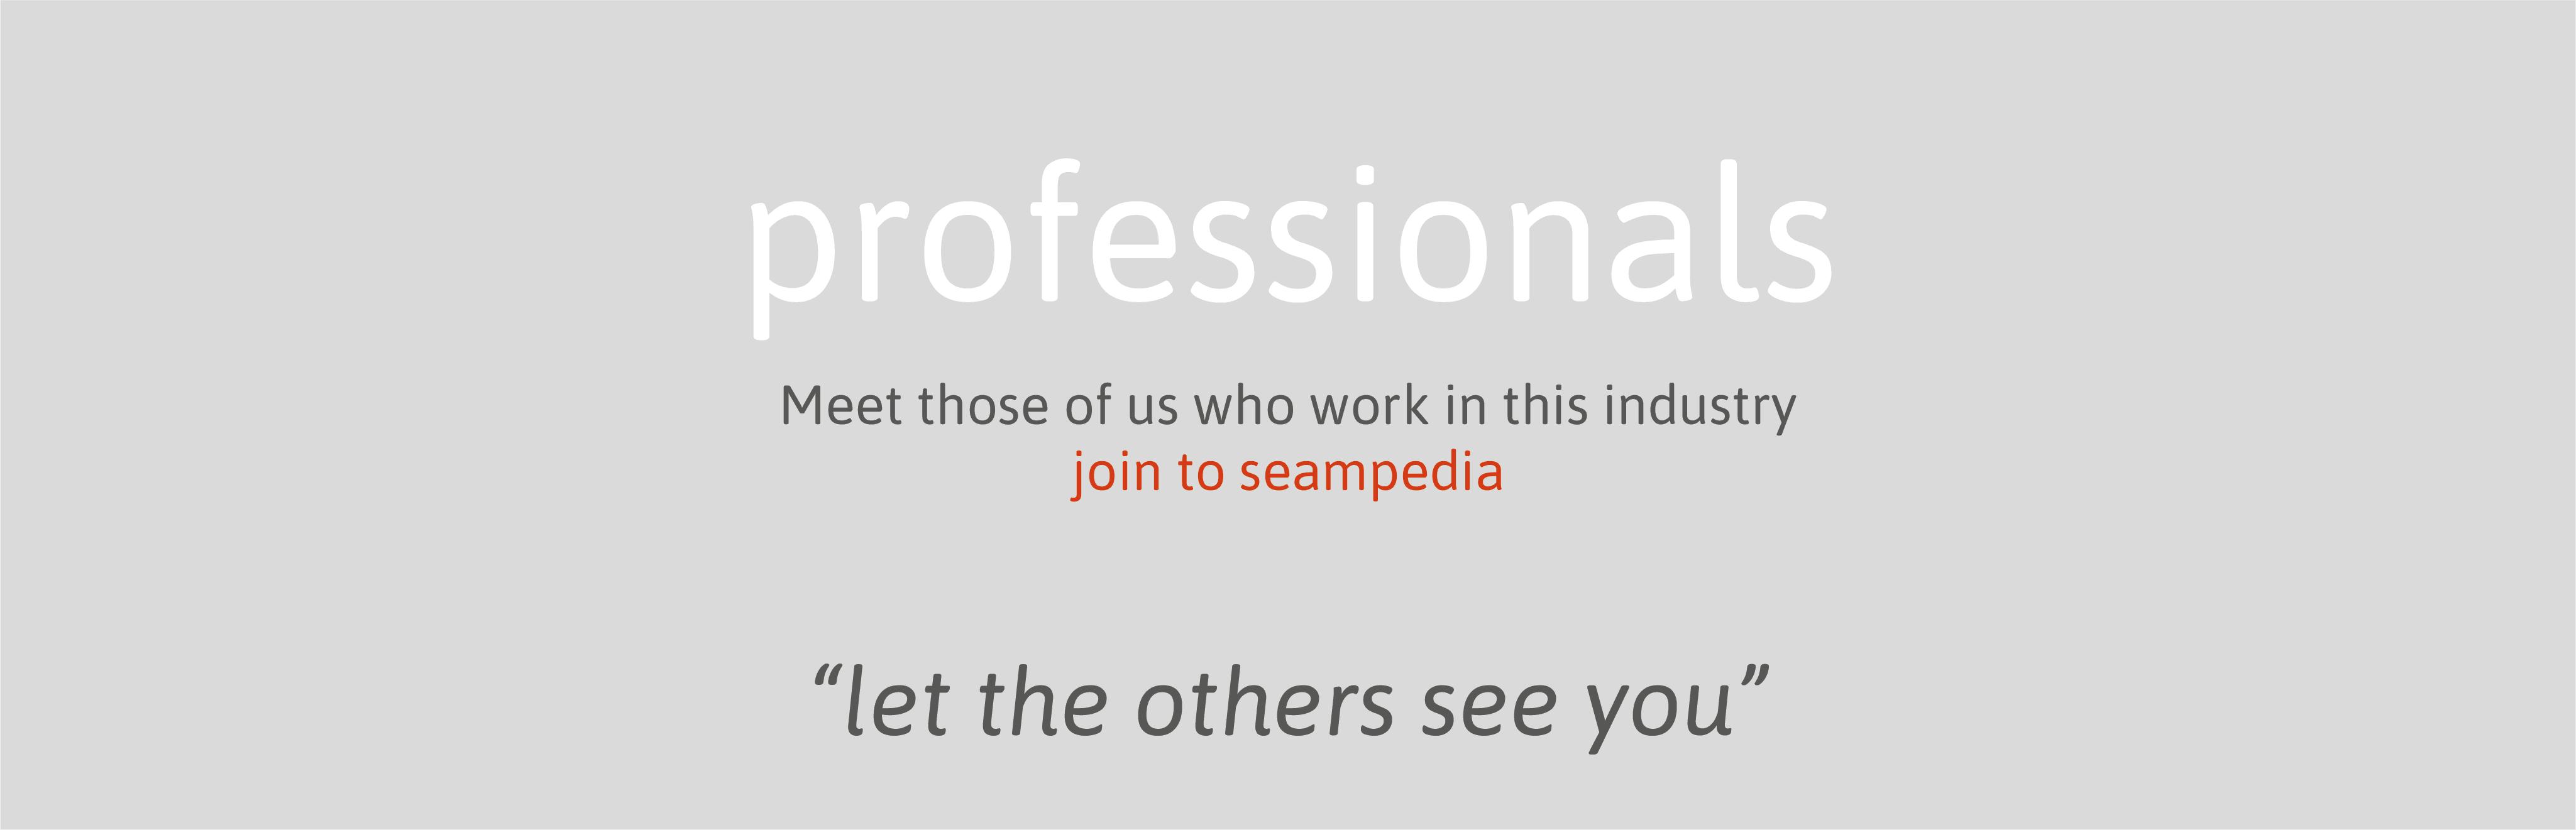 seampedia professionals